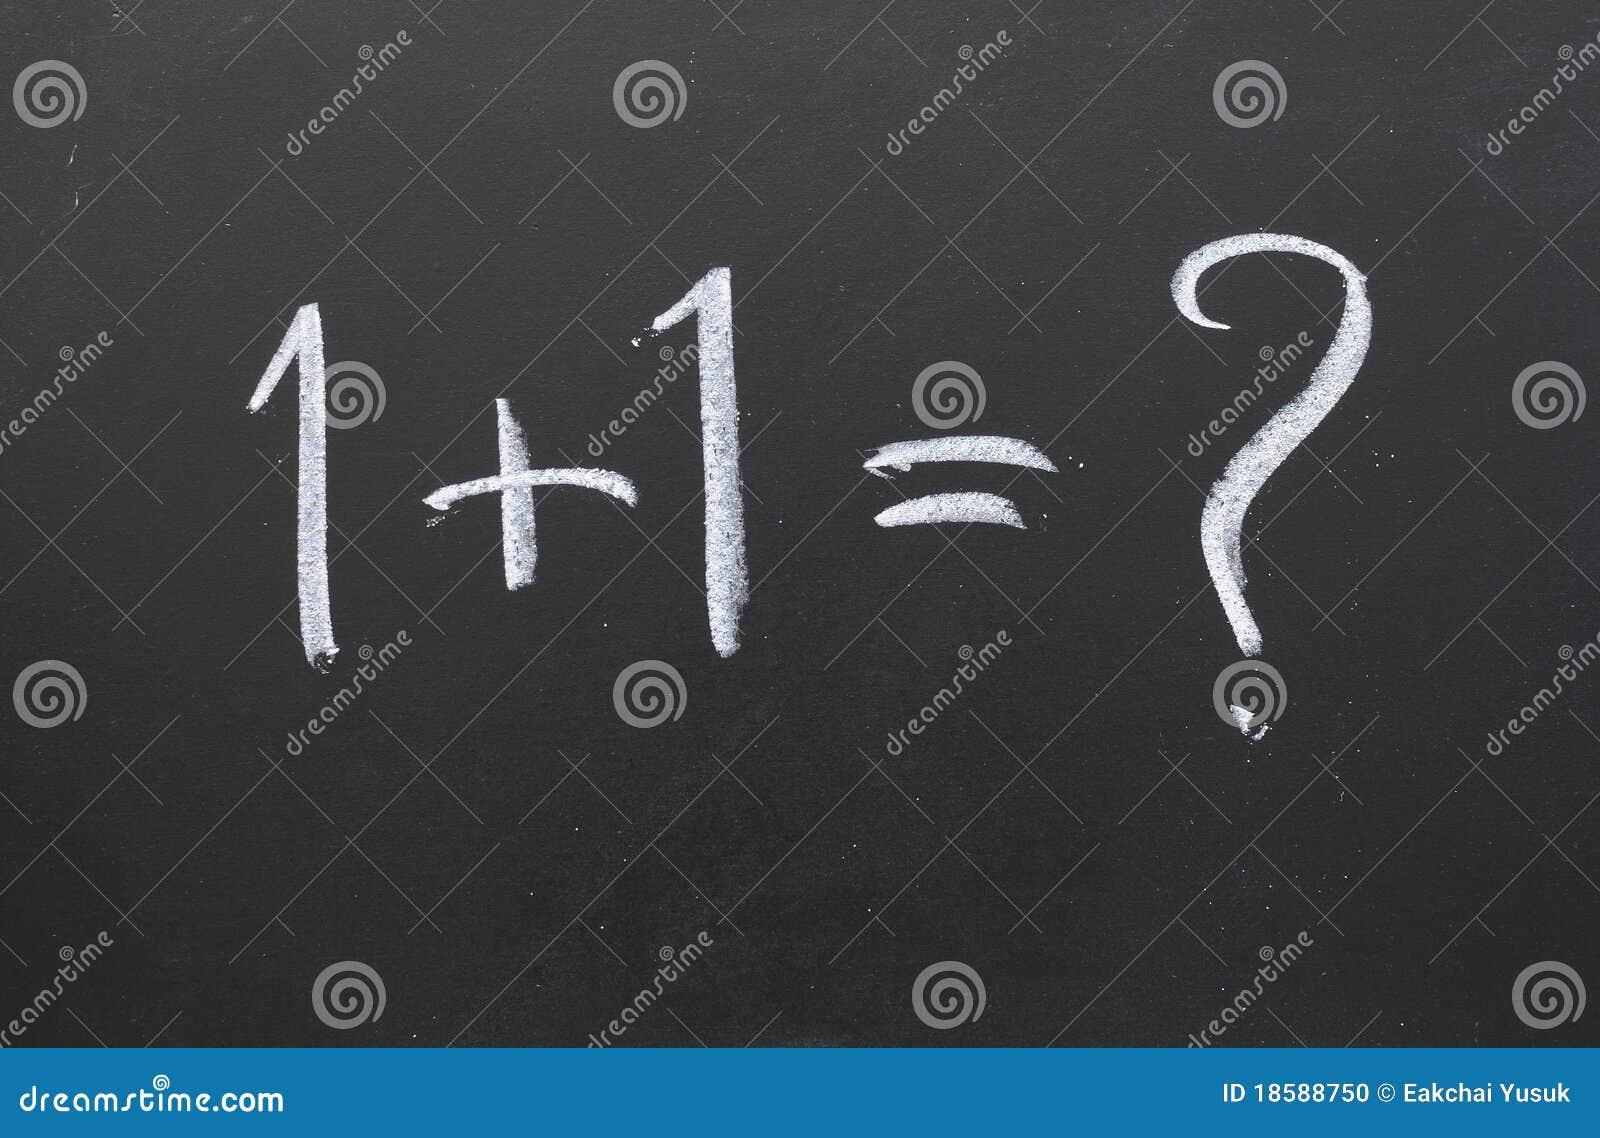 One plus one on a blackboard